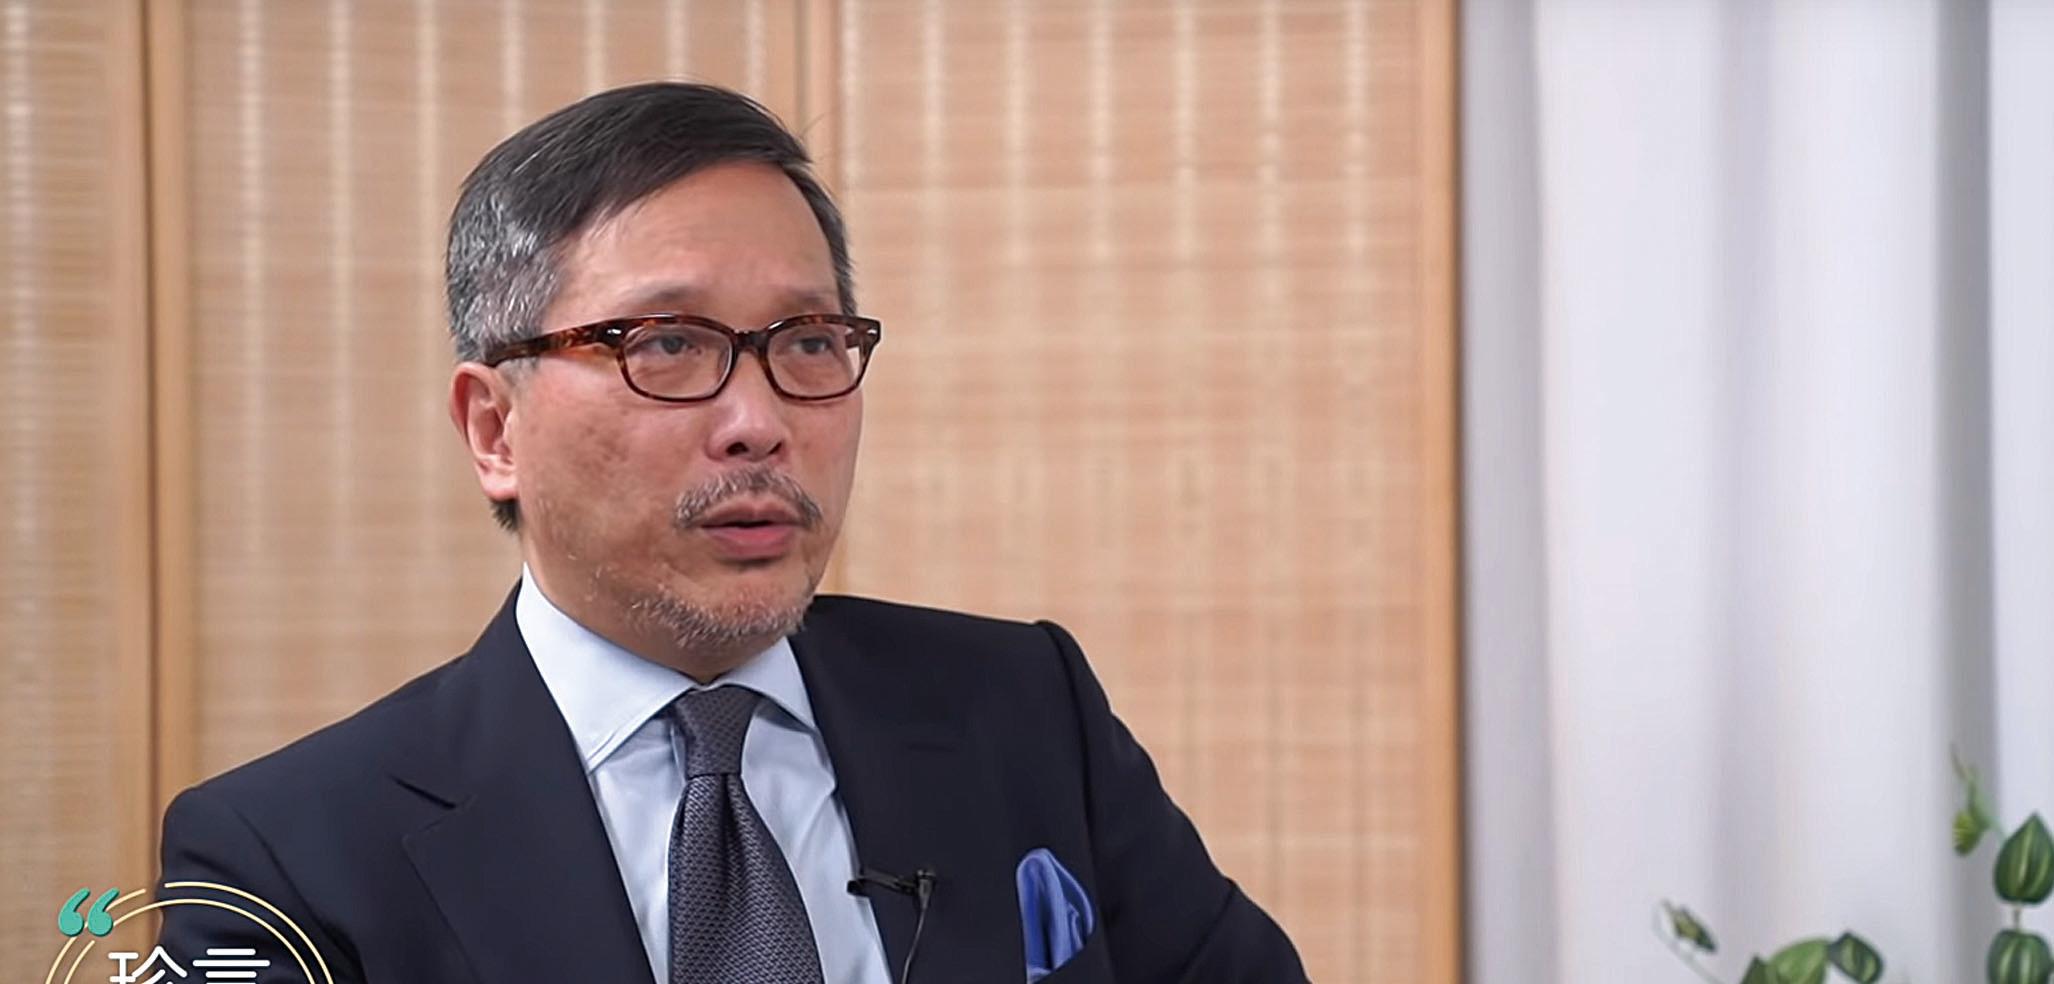 作家兼資深時事評論員潘東凱。(影片截圖)